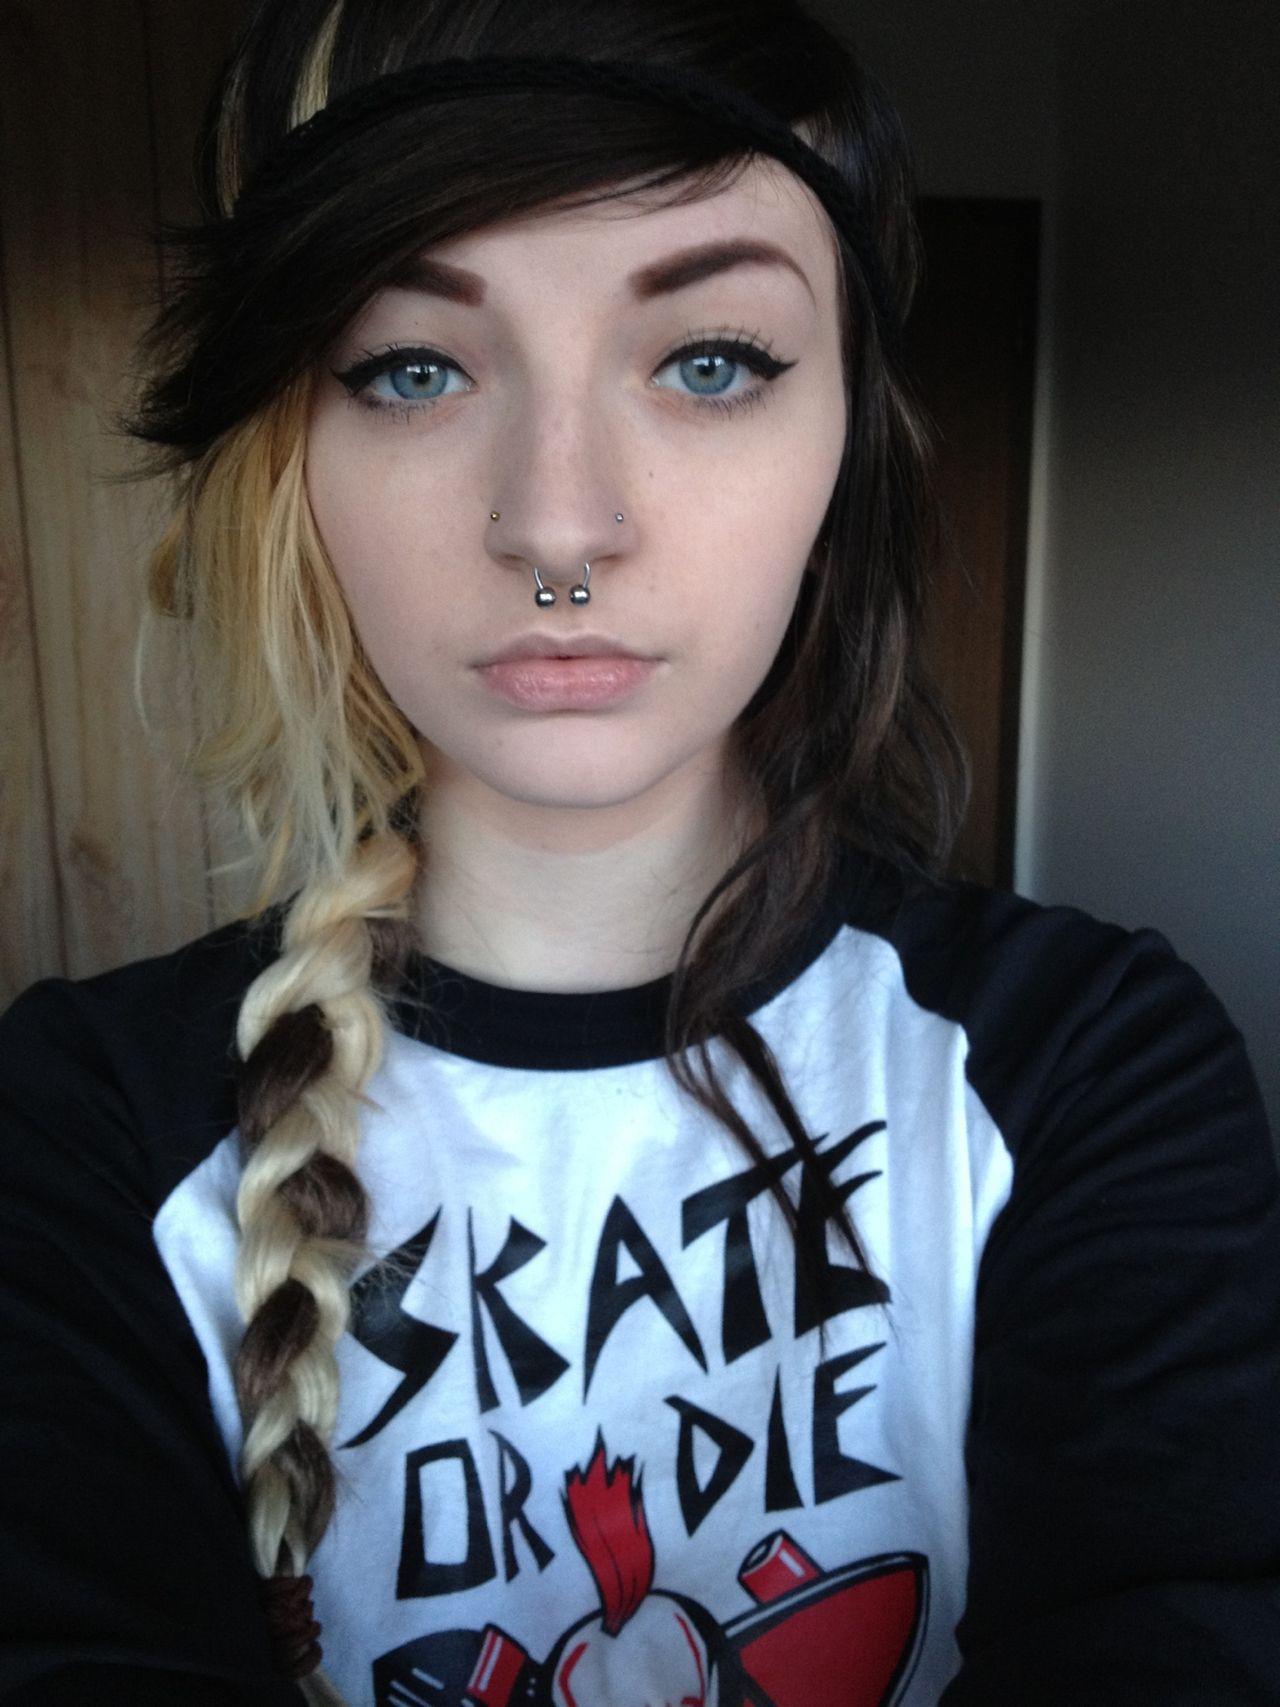 emo teen blonde Crazy